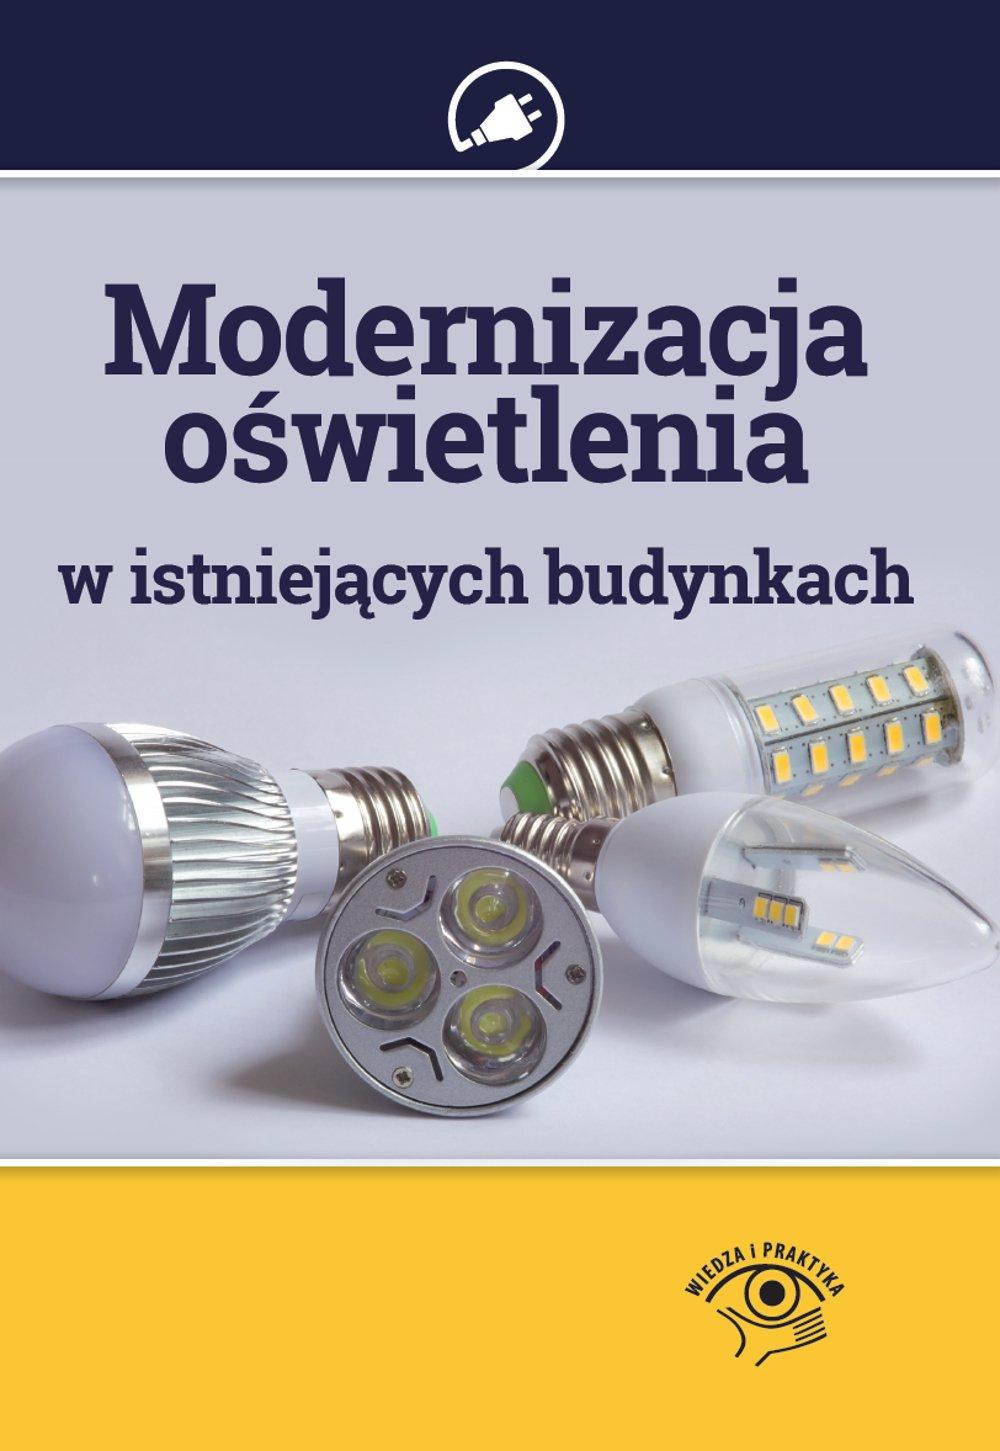 Modernizacja oświetlenia w istniejących budynkach - Ebook (Książka EPUB) do pobrania w formacie EPUB